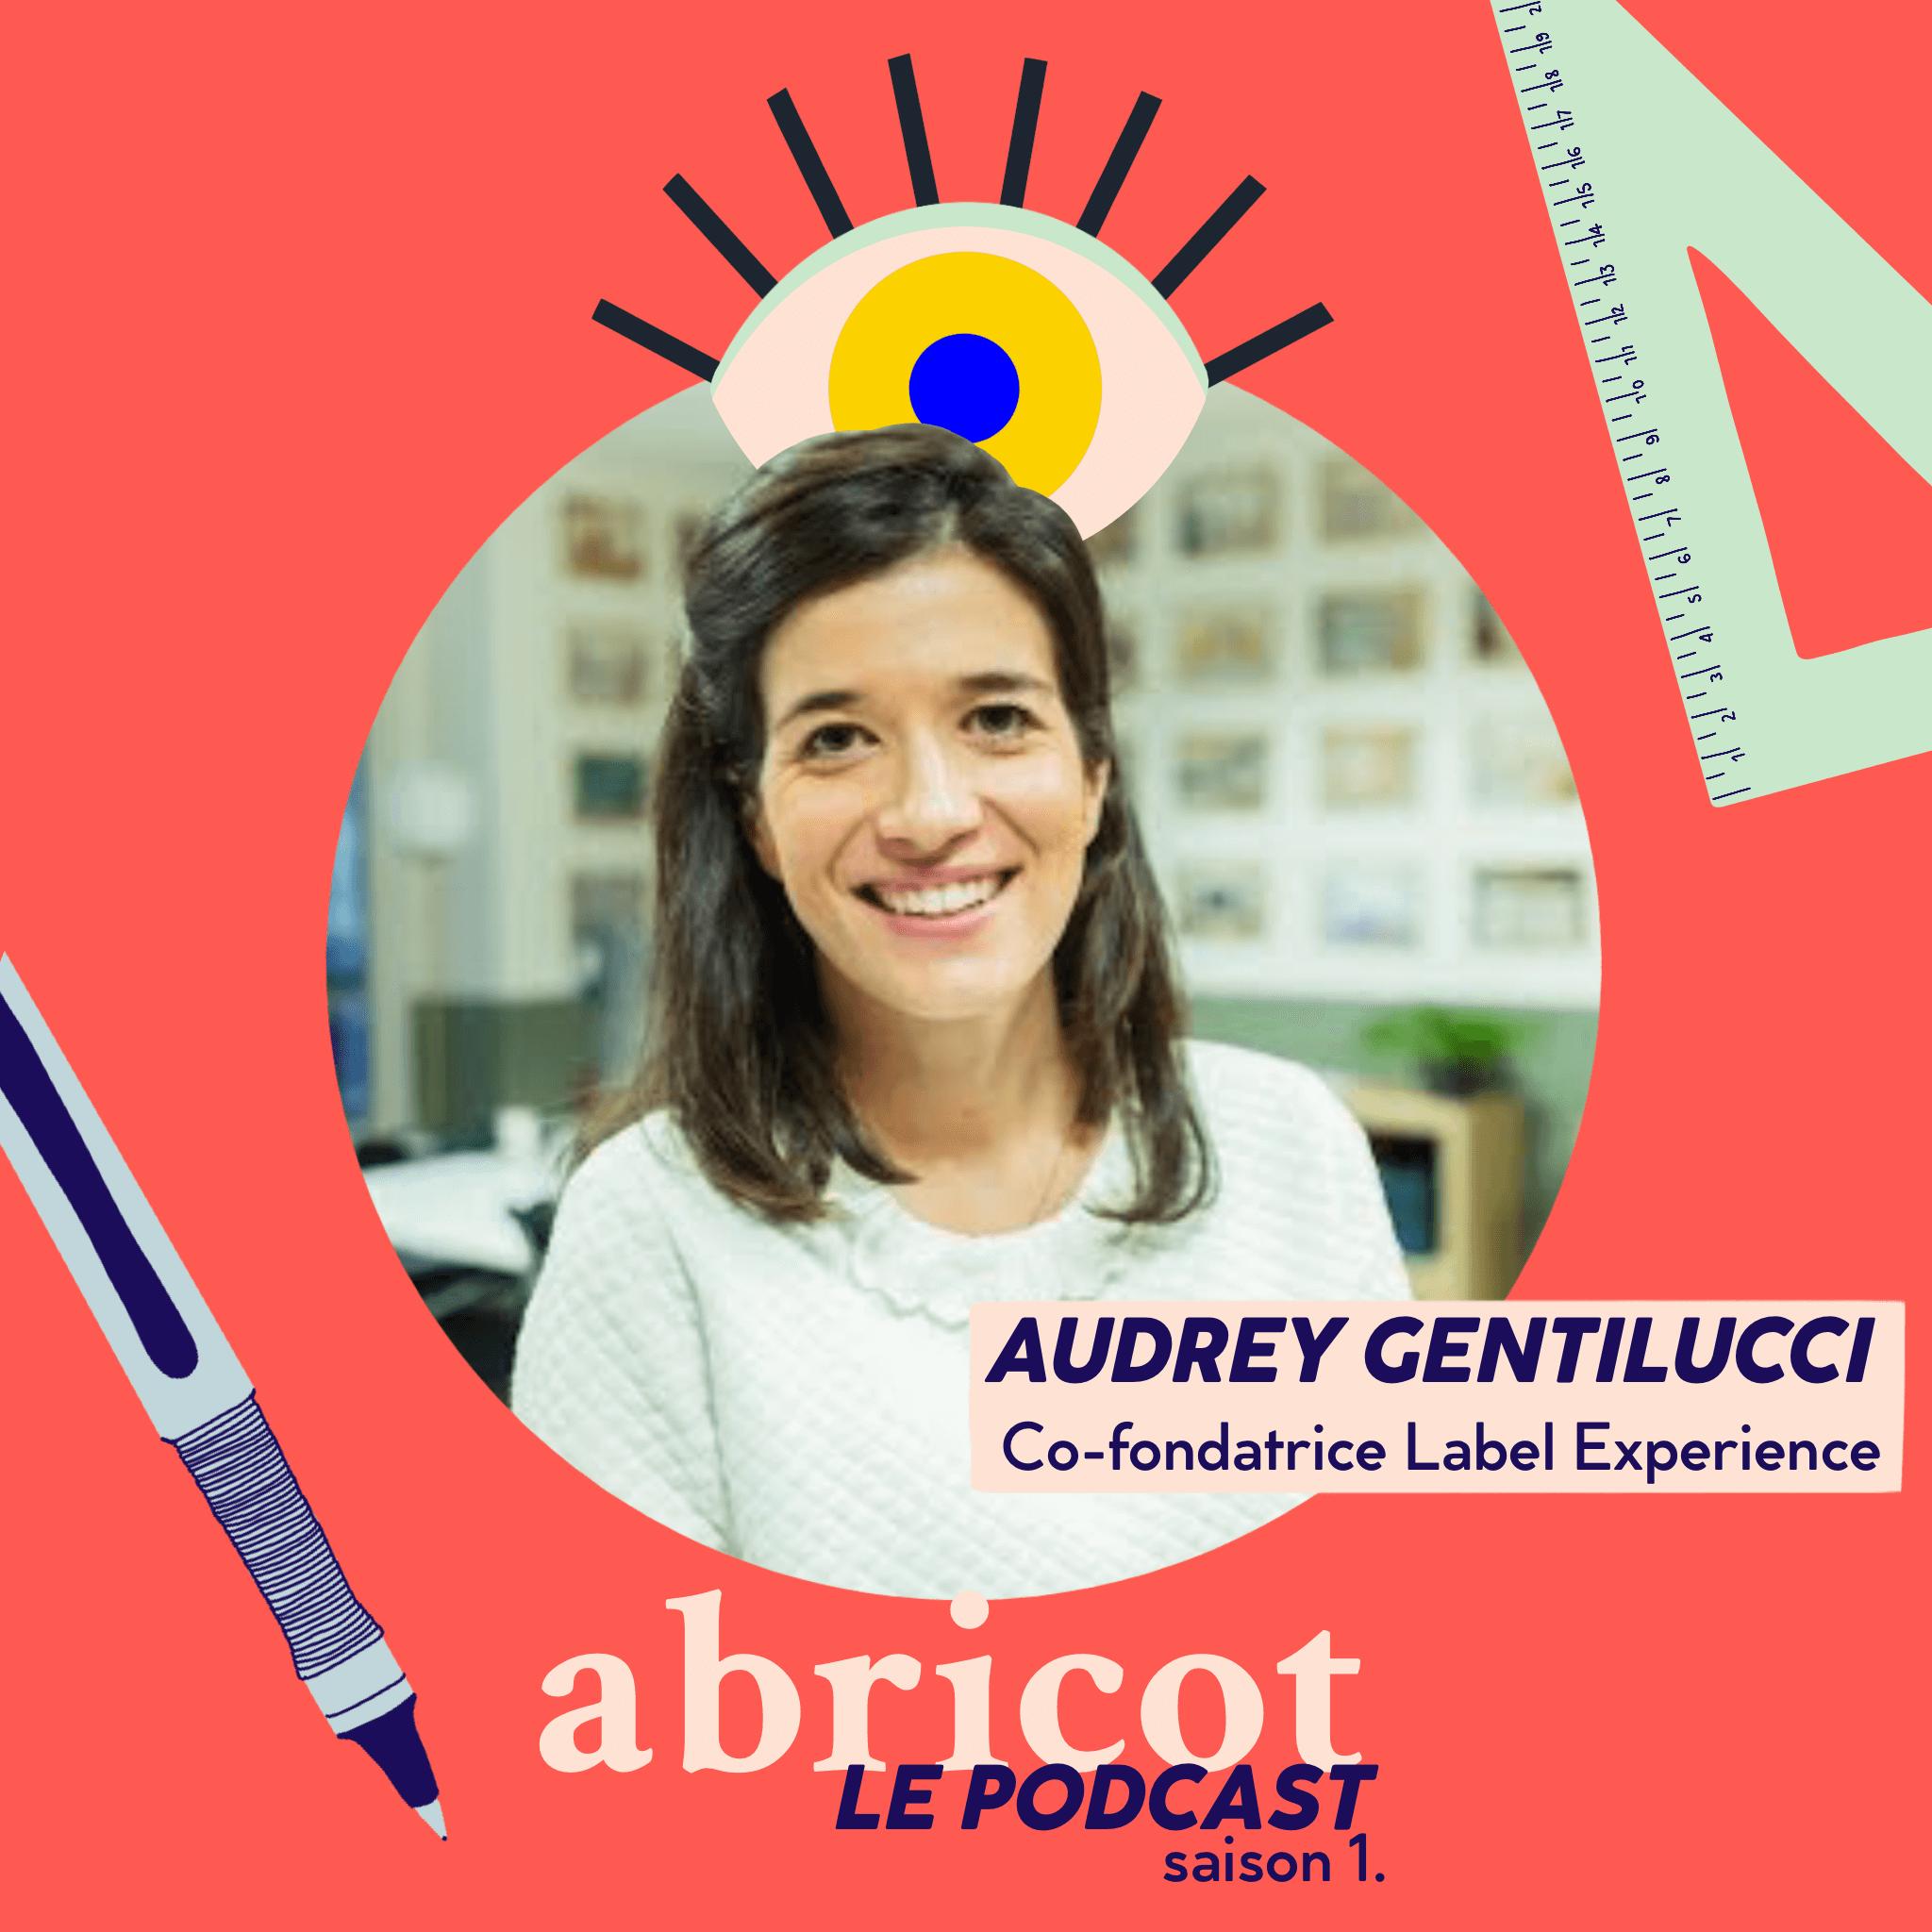 Podcast Abricot épisode 1. Audrey Gentilucci